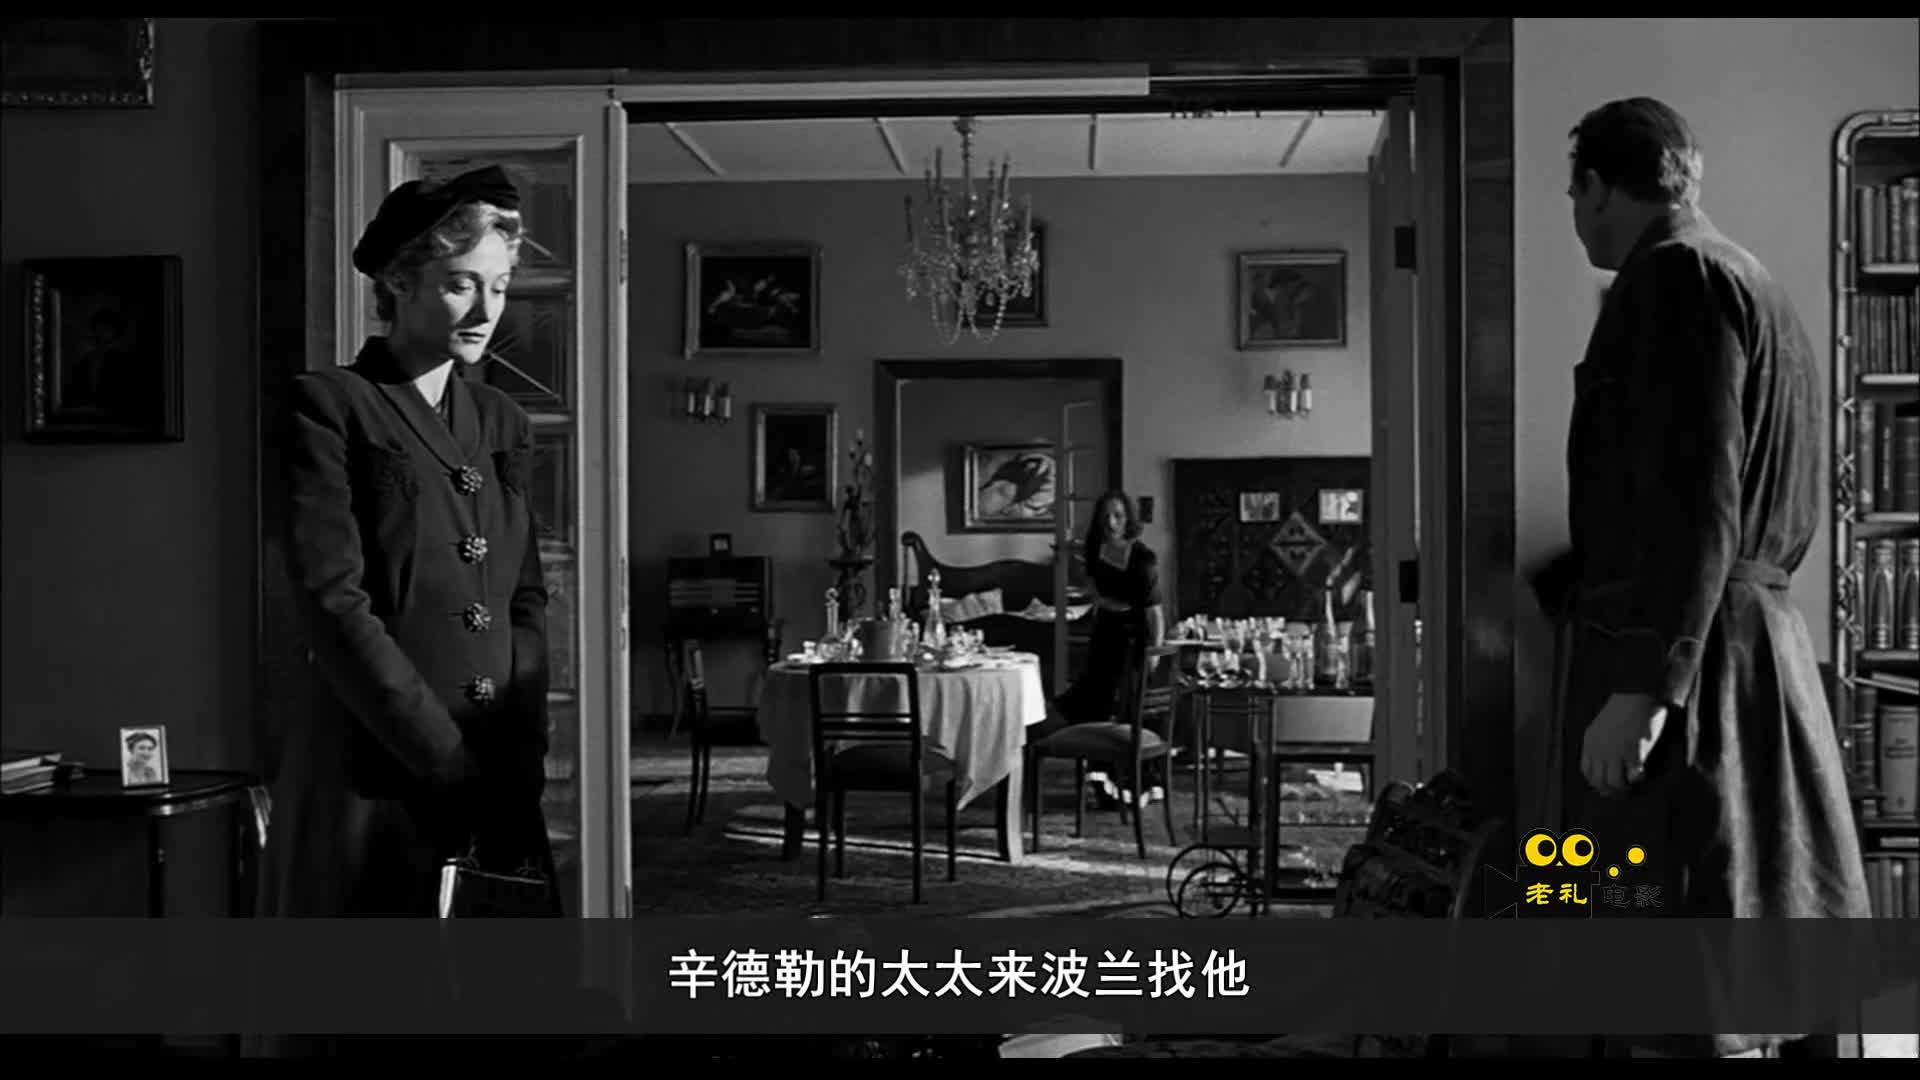 一部荣获多项奥斯卡奖项的电影,七分钟看完《辛德勒的名单》